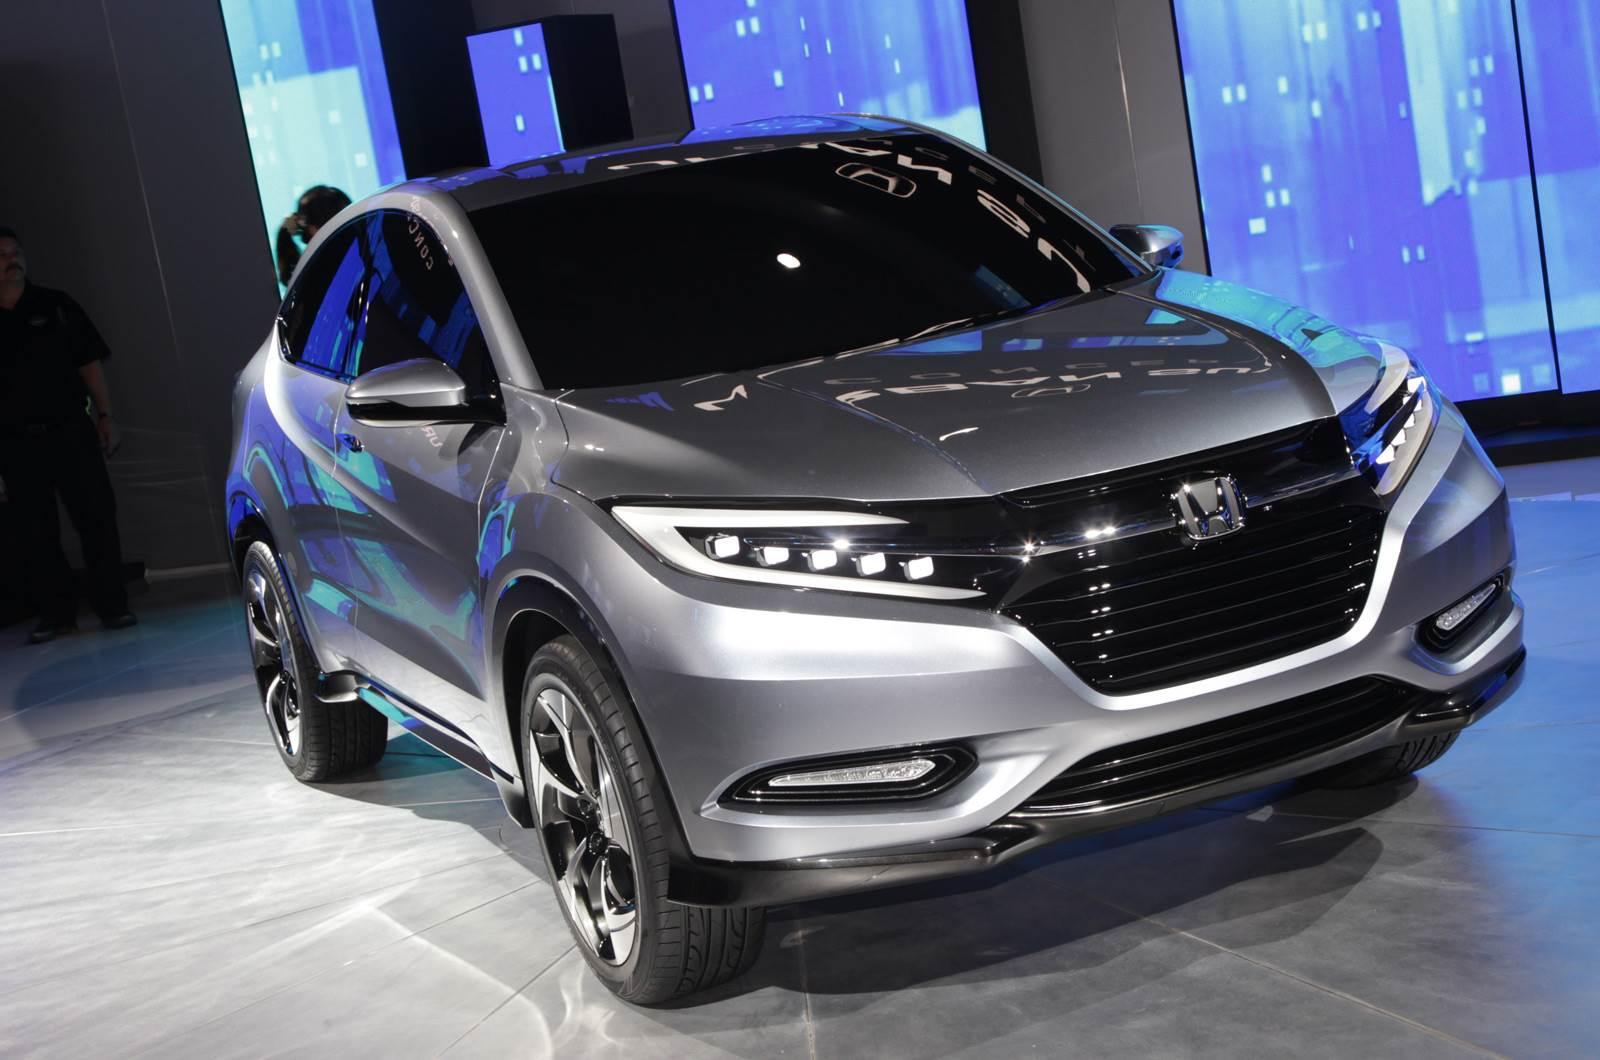 Honda Urban SUV concept revealed